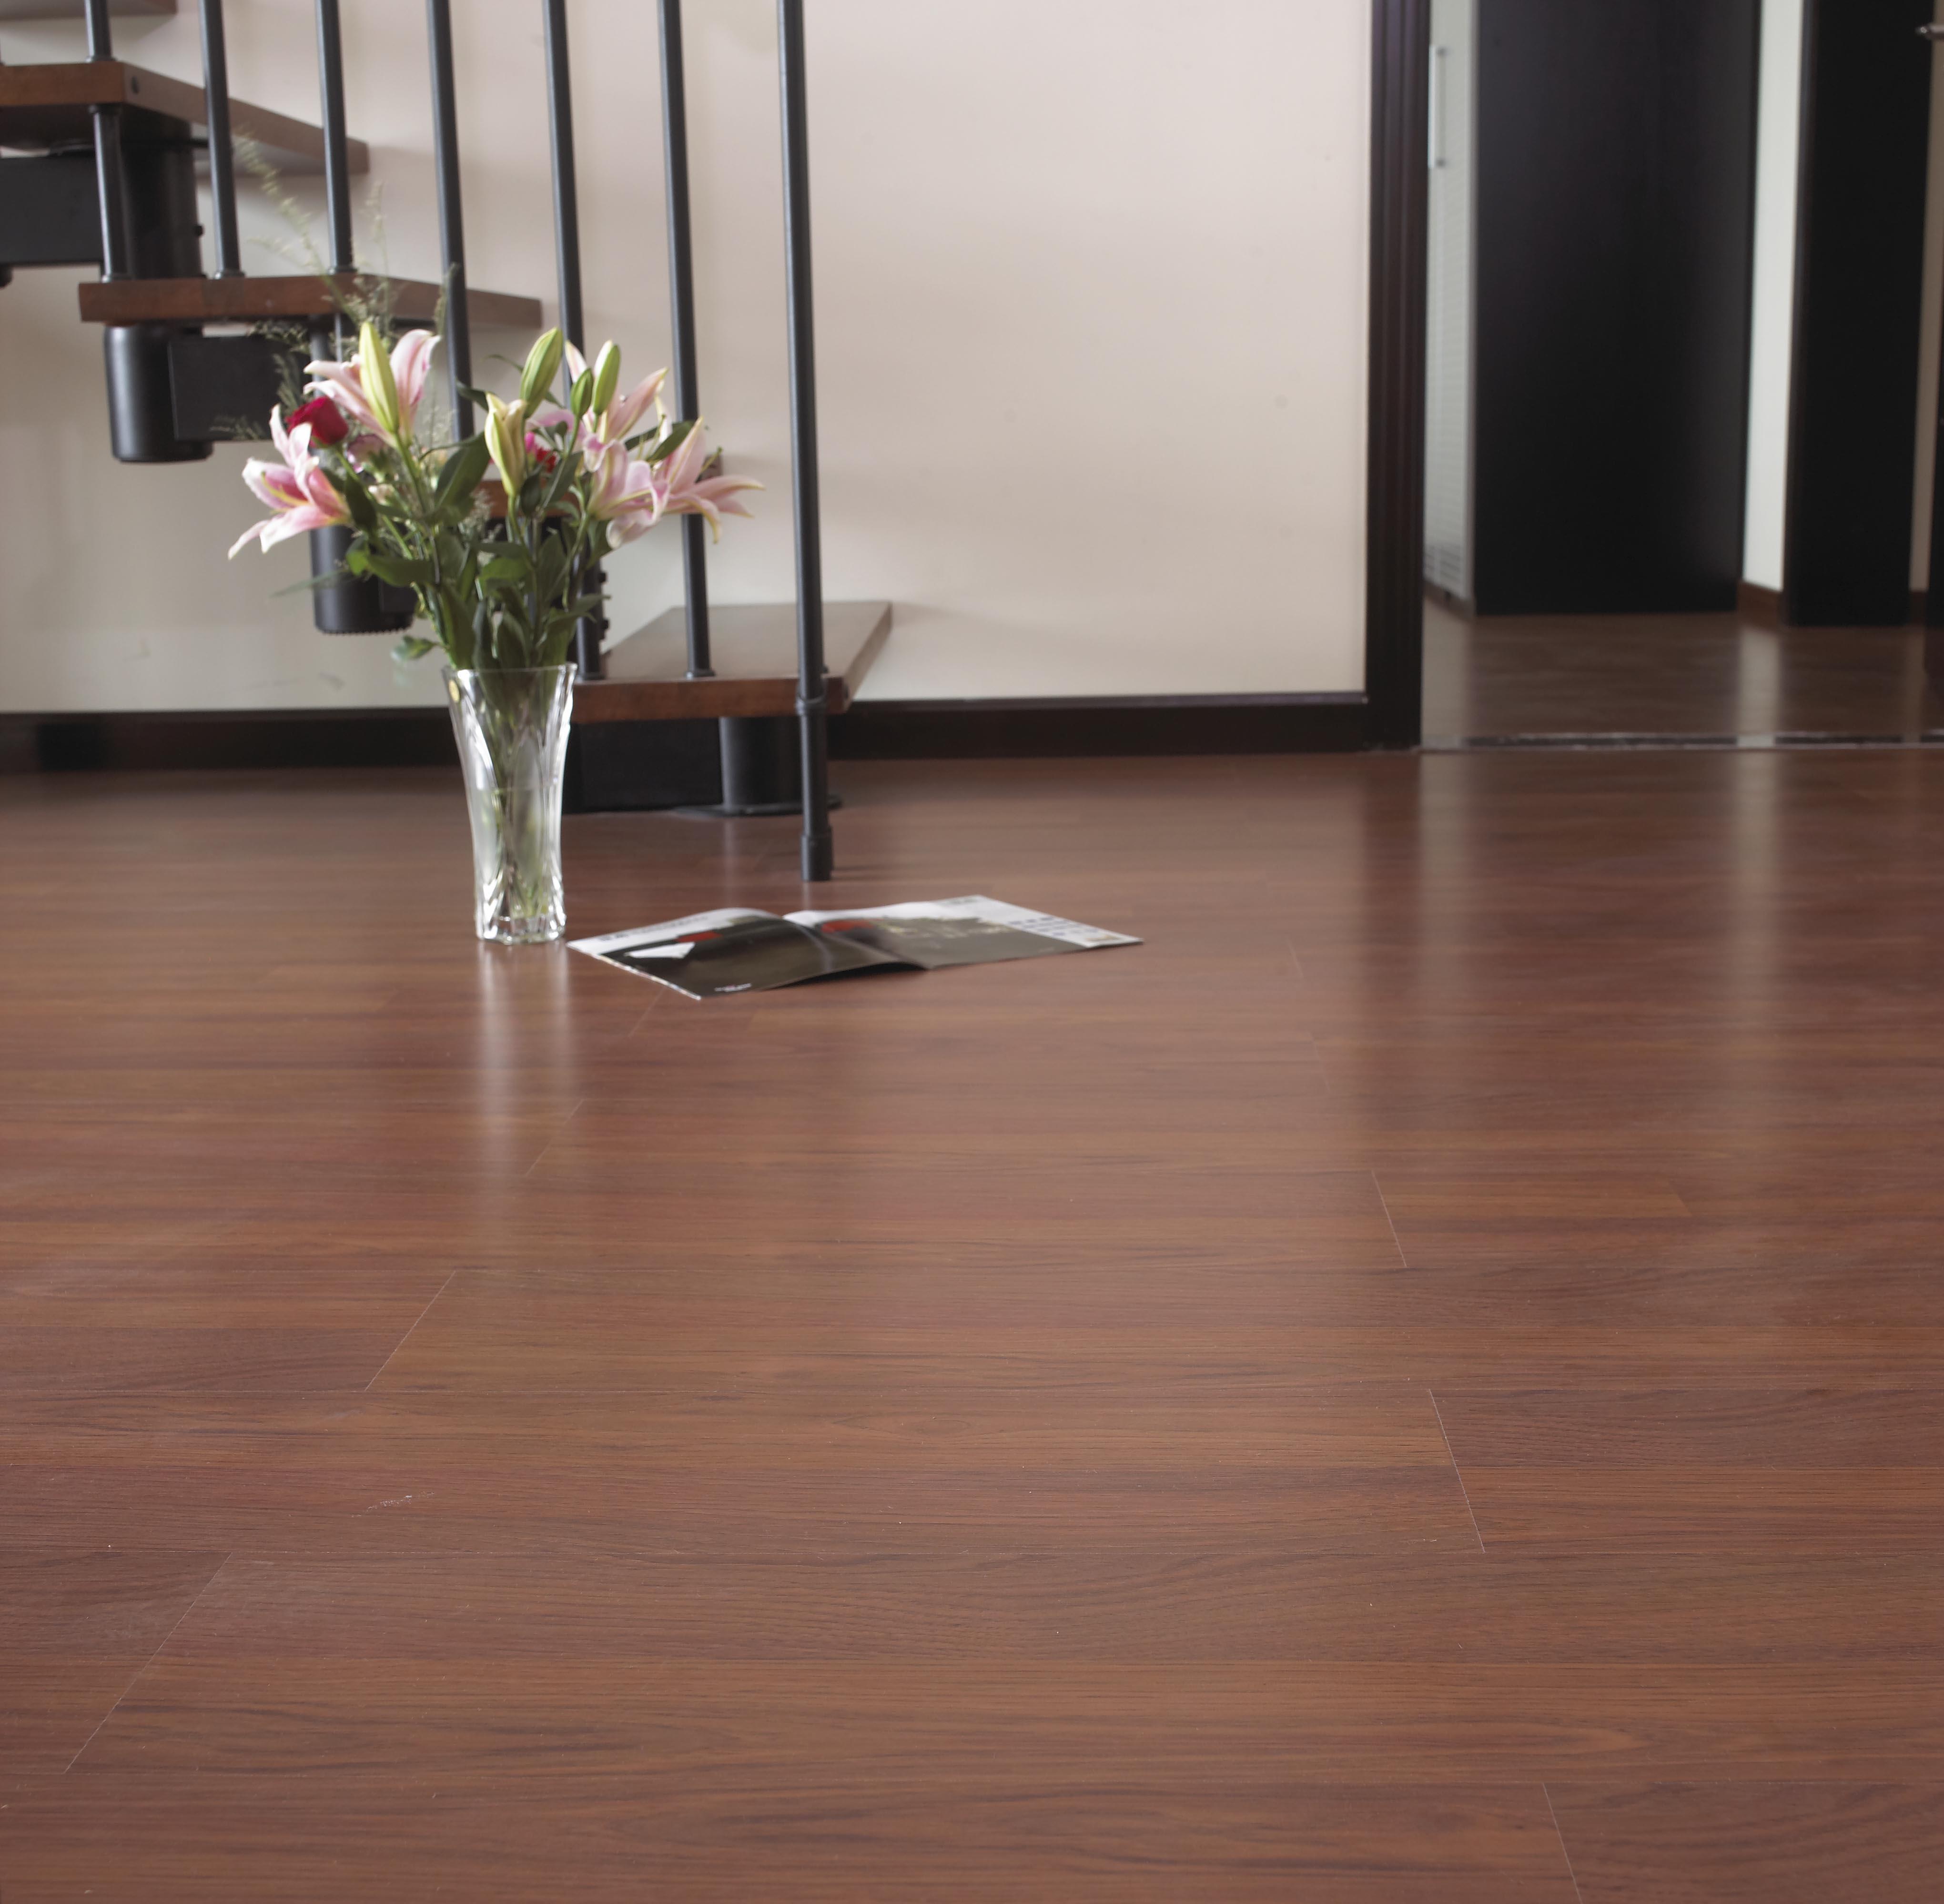 柏高实木地板超实木超越型FTLZ系列FTLZ135FTLZ135